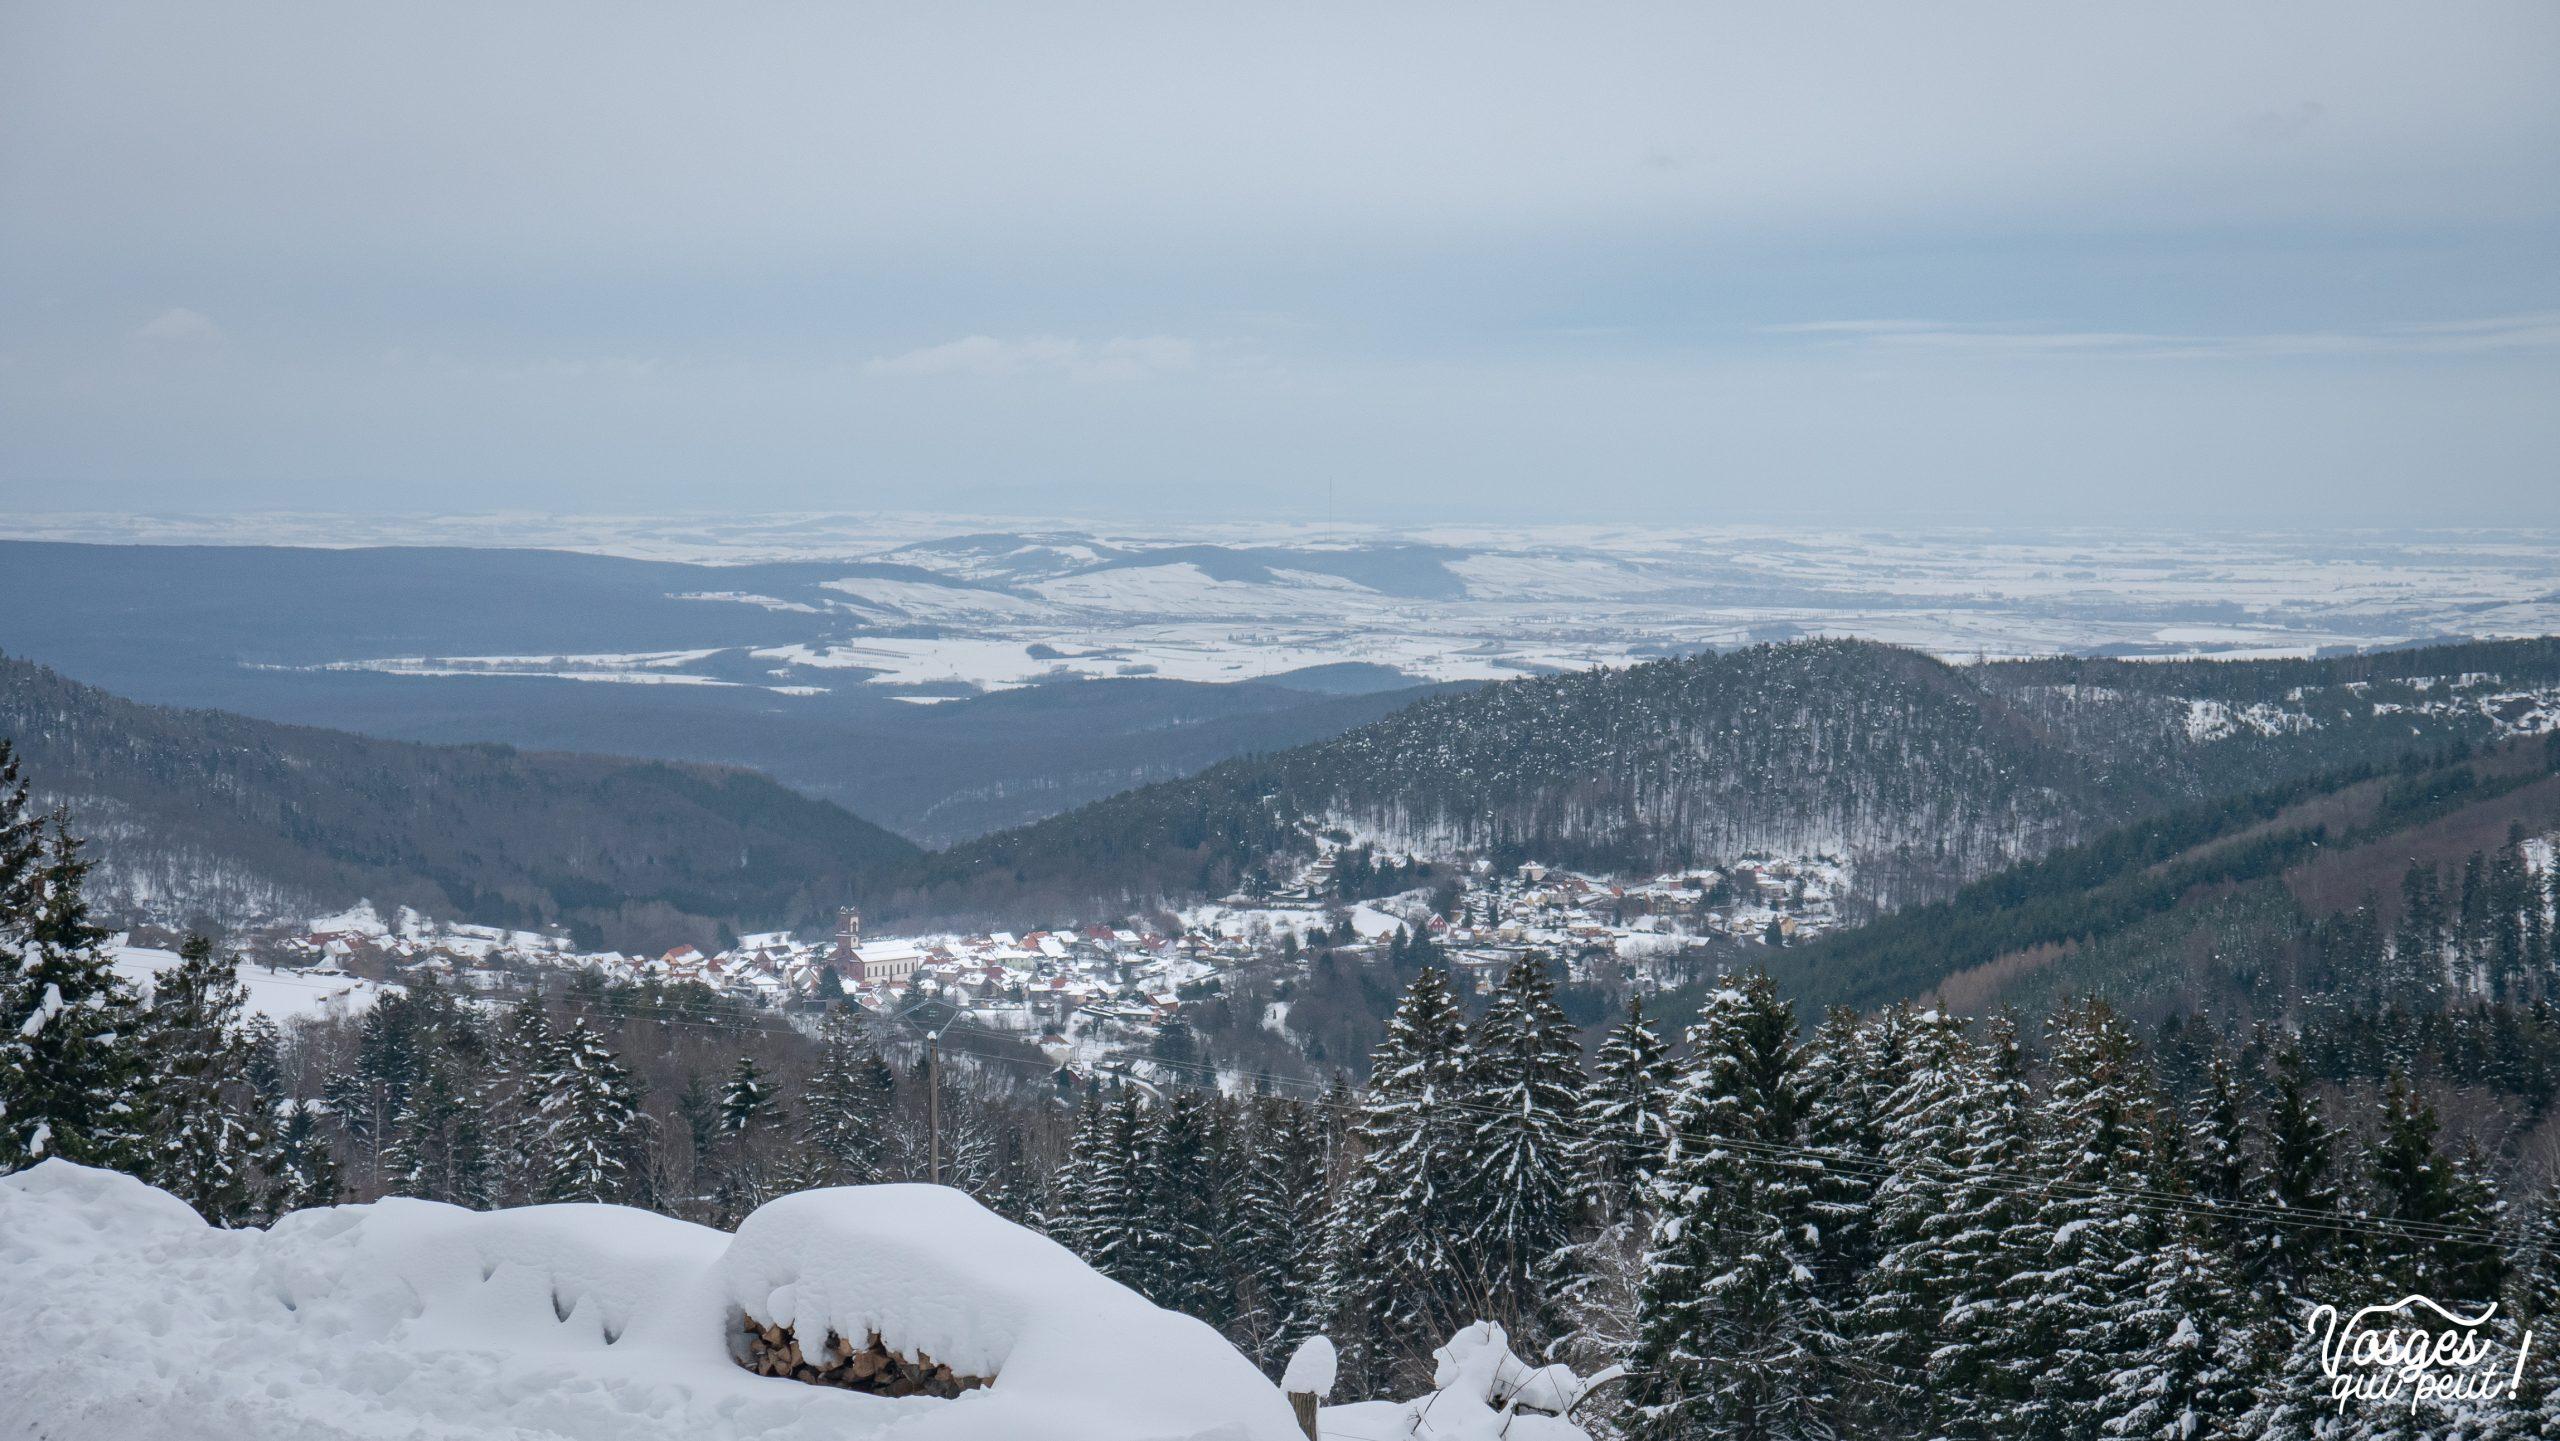 Le village de Grendelbruch depuis les hauteurs